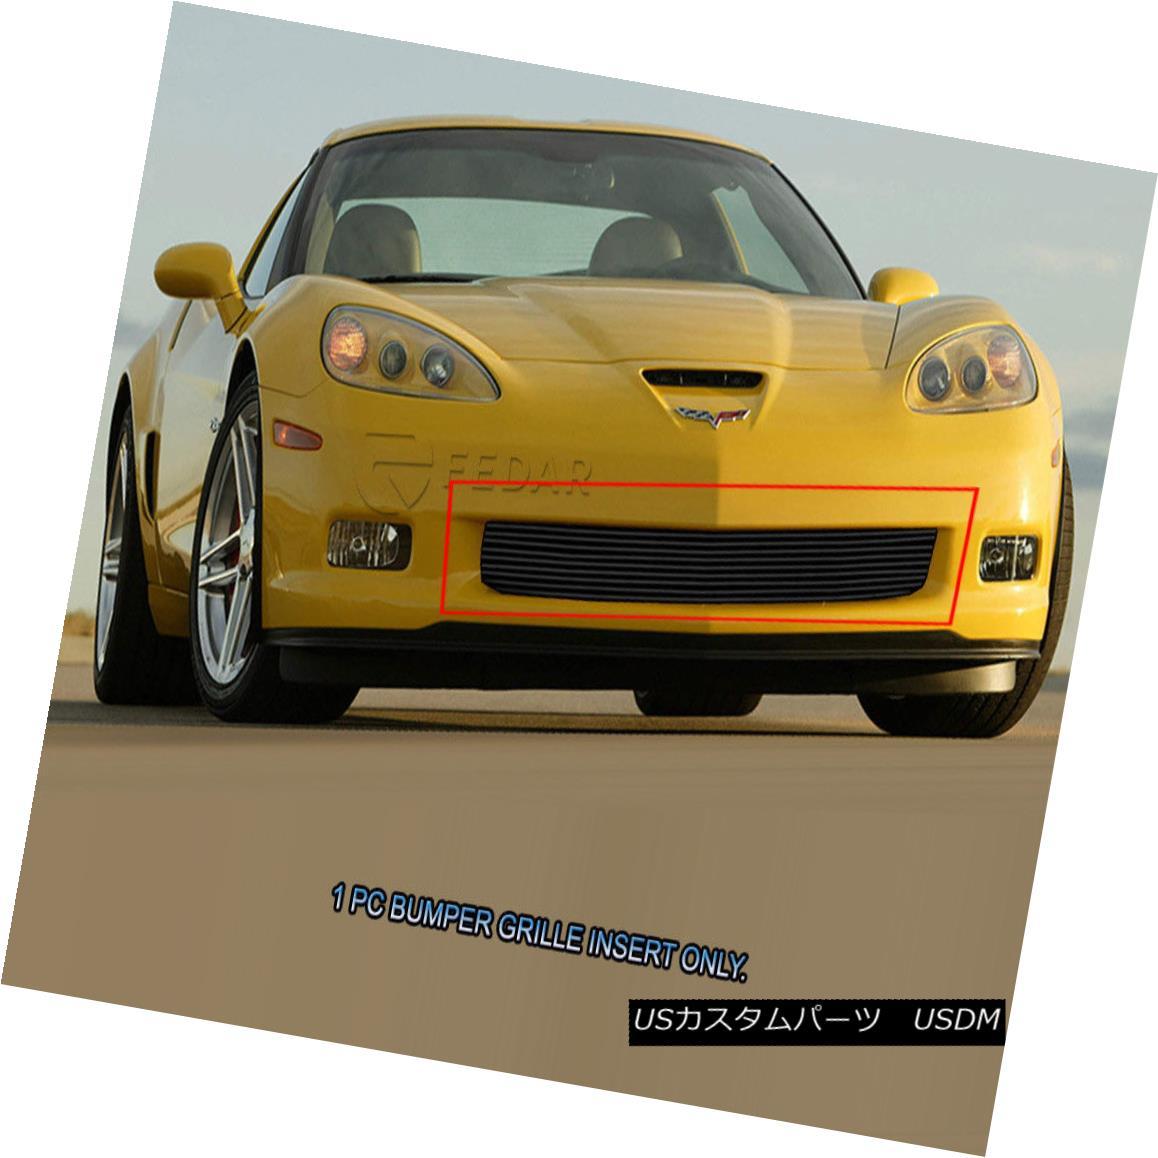 グリル Fits 2006 07 08 09 10 Chevy Corvette Z06 Black Billet Grille Bumper Insert Fedar フィット2006年07 08 09 10シボレーコルベットZ06ブラックビレットグリルバンパーインサートFedar